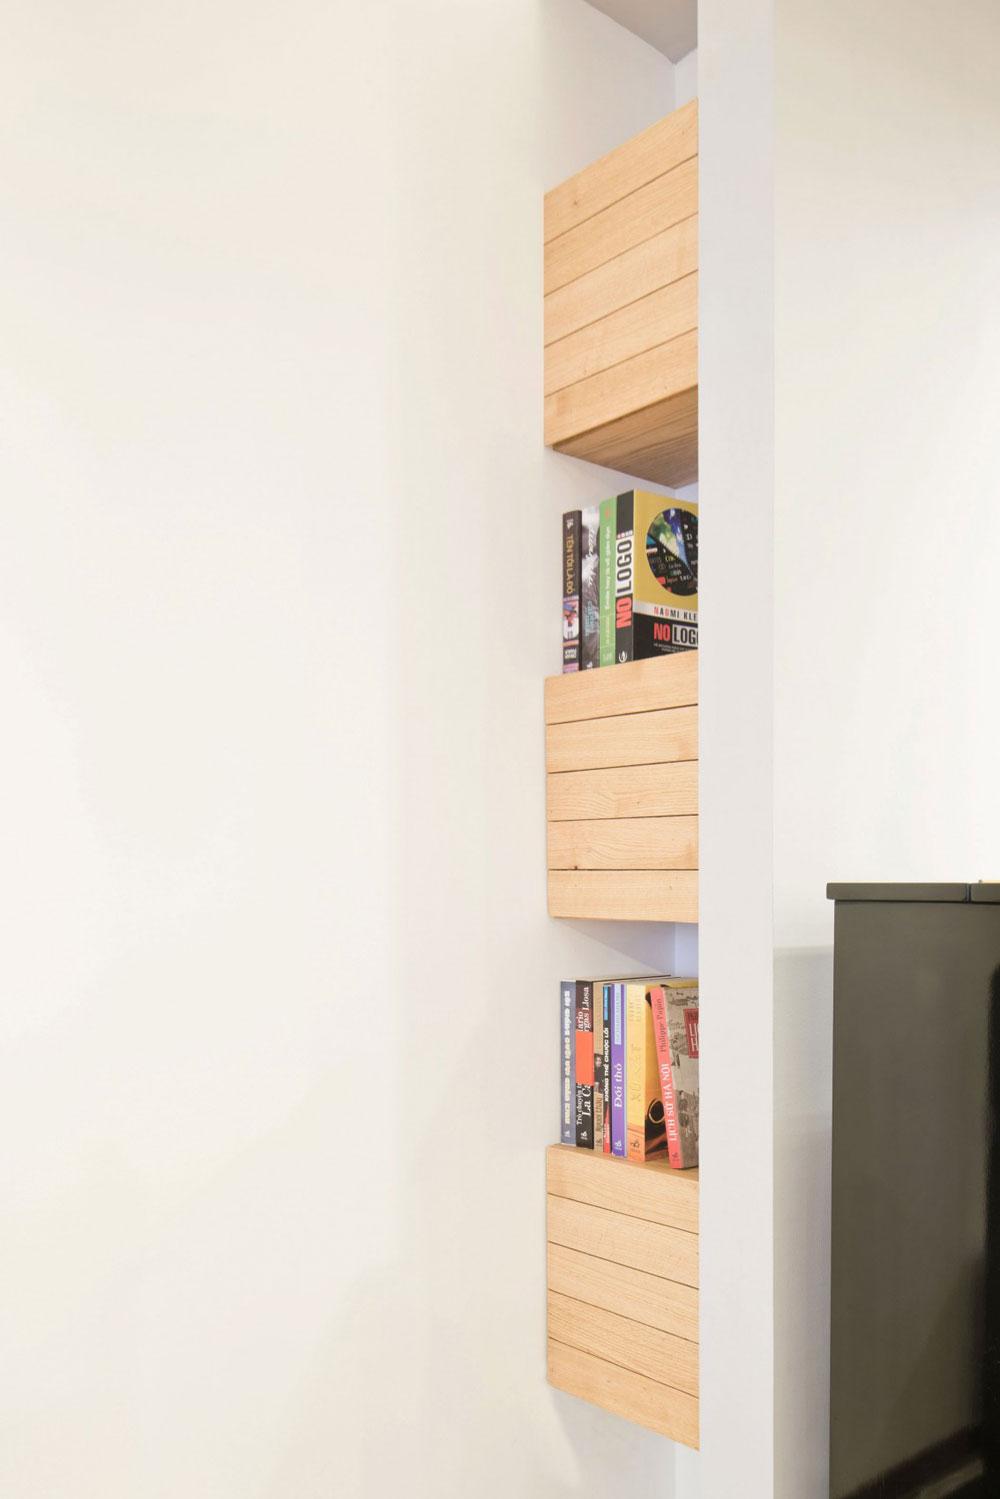 Liten men elegant lägenhet designad av Le Studio 3 Liten men elegant lägenhet designad av Le Studio